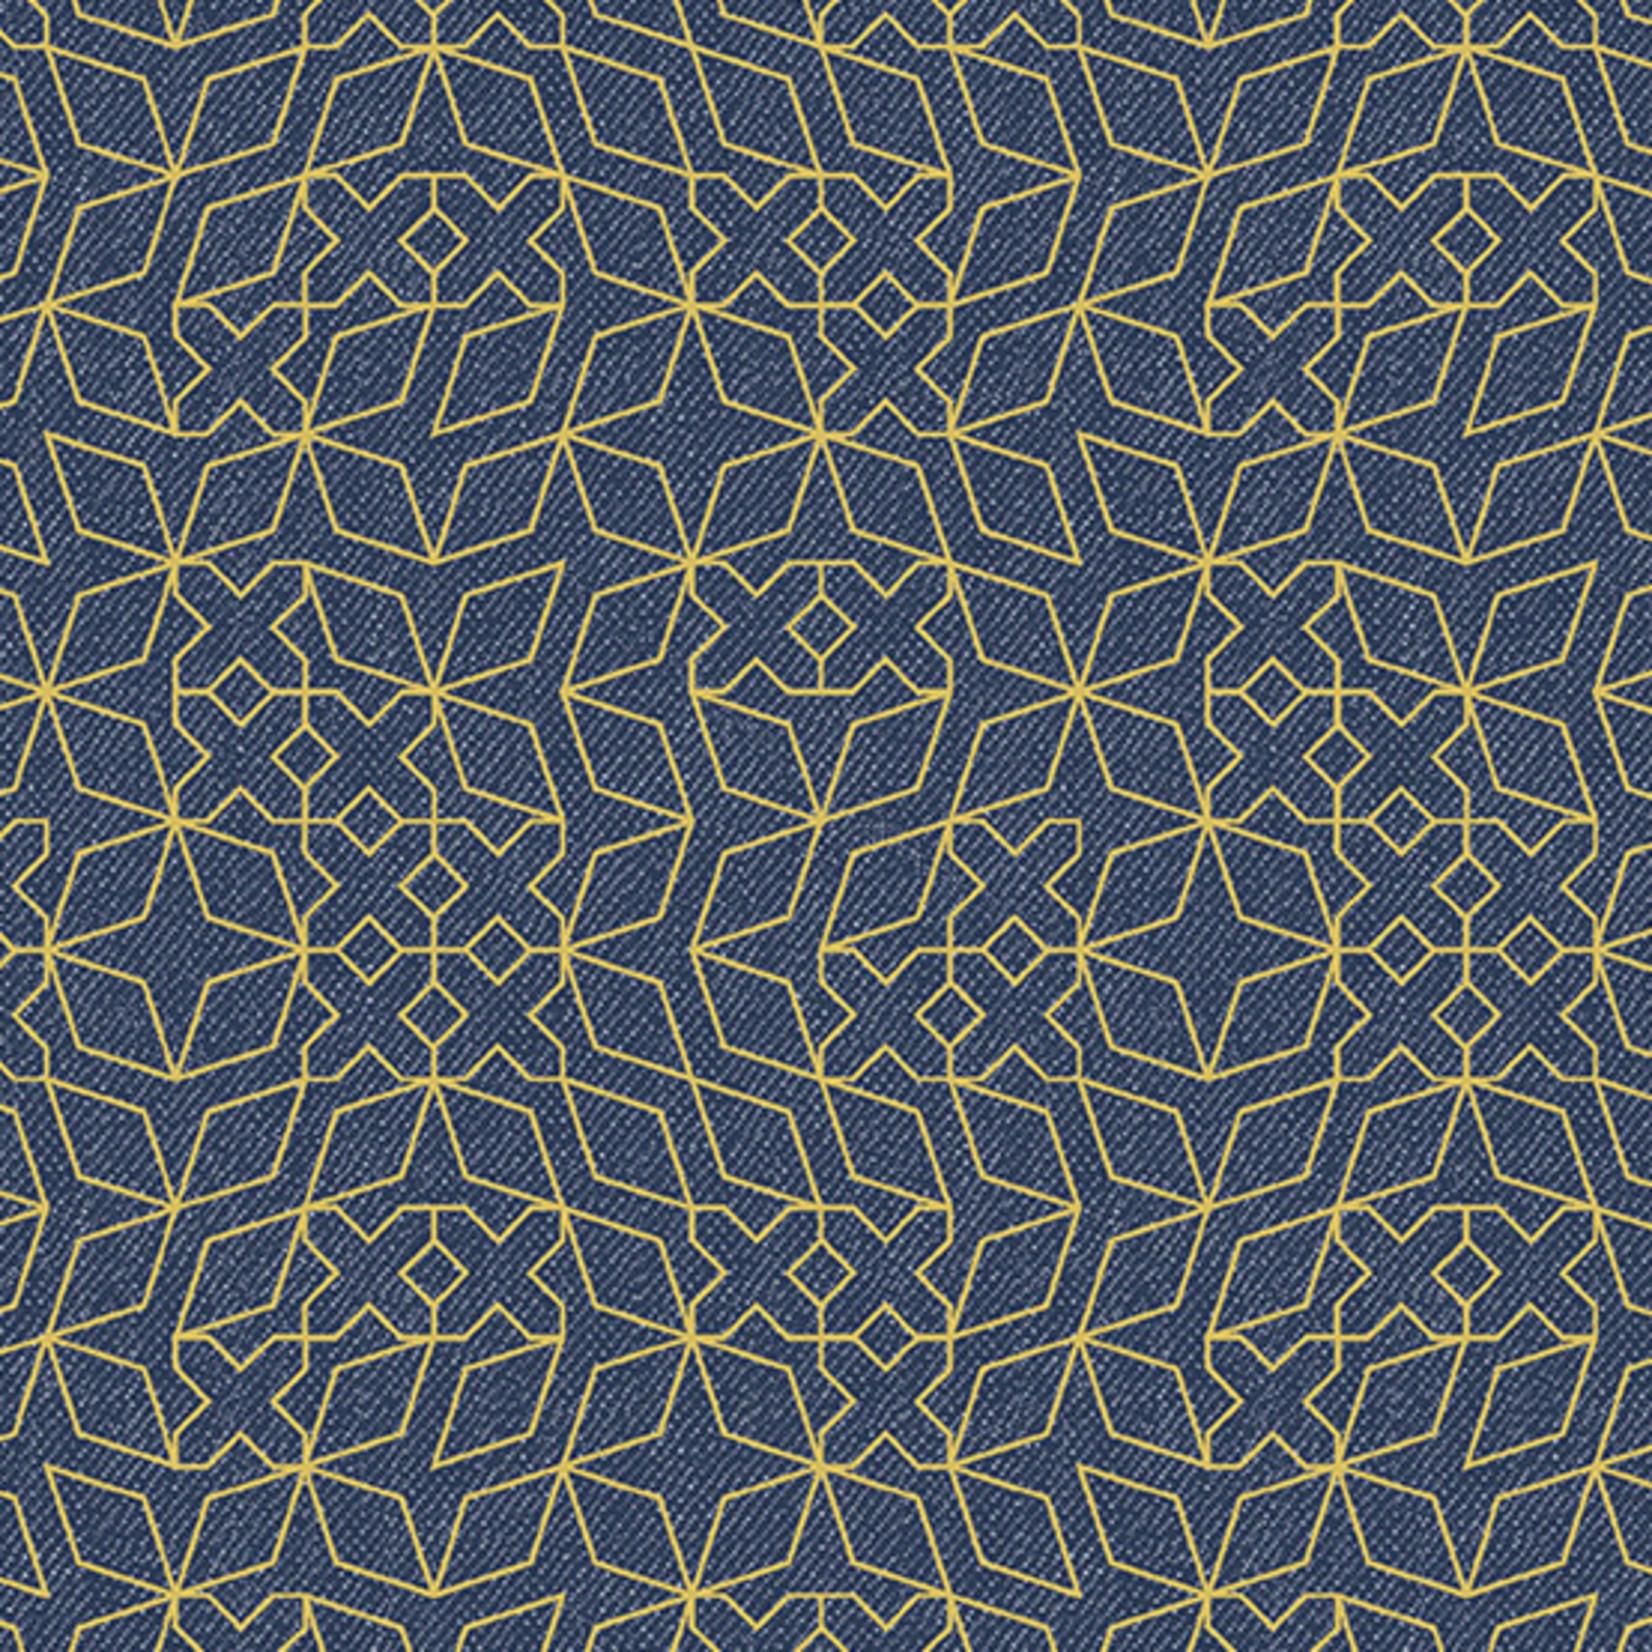 Andover Almost Blue, Stitch, Indigo Metallic, $0.20/cm or $20/m